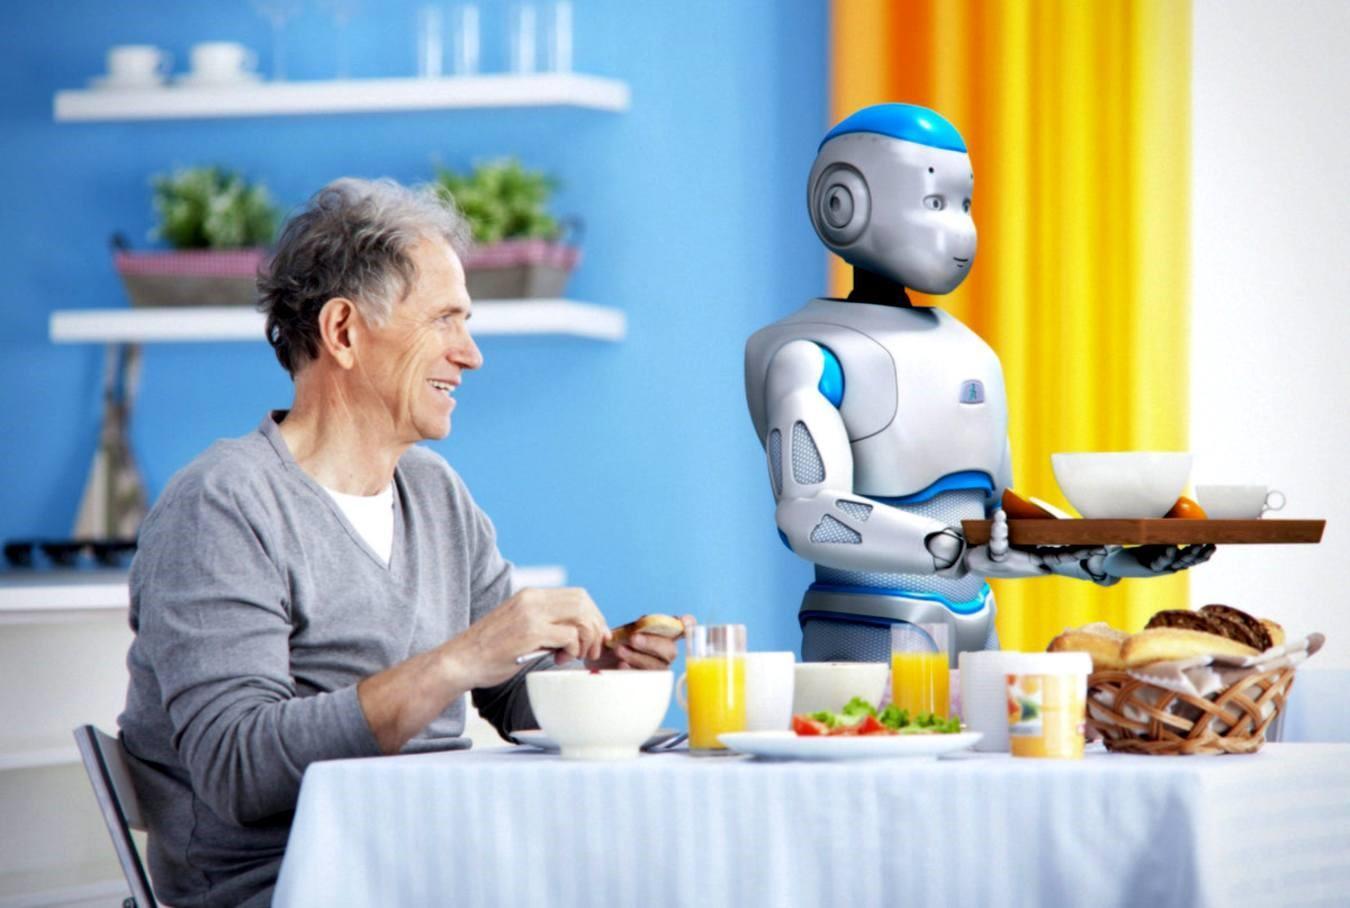 Могут ли современные технологии спасти человека от одиночества